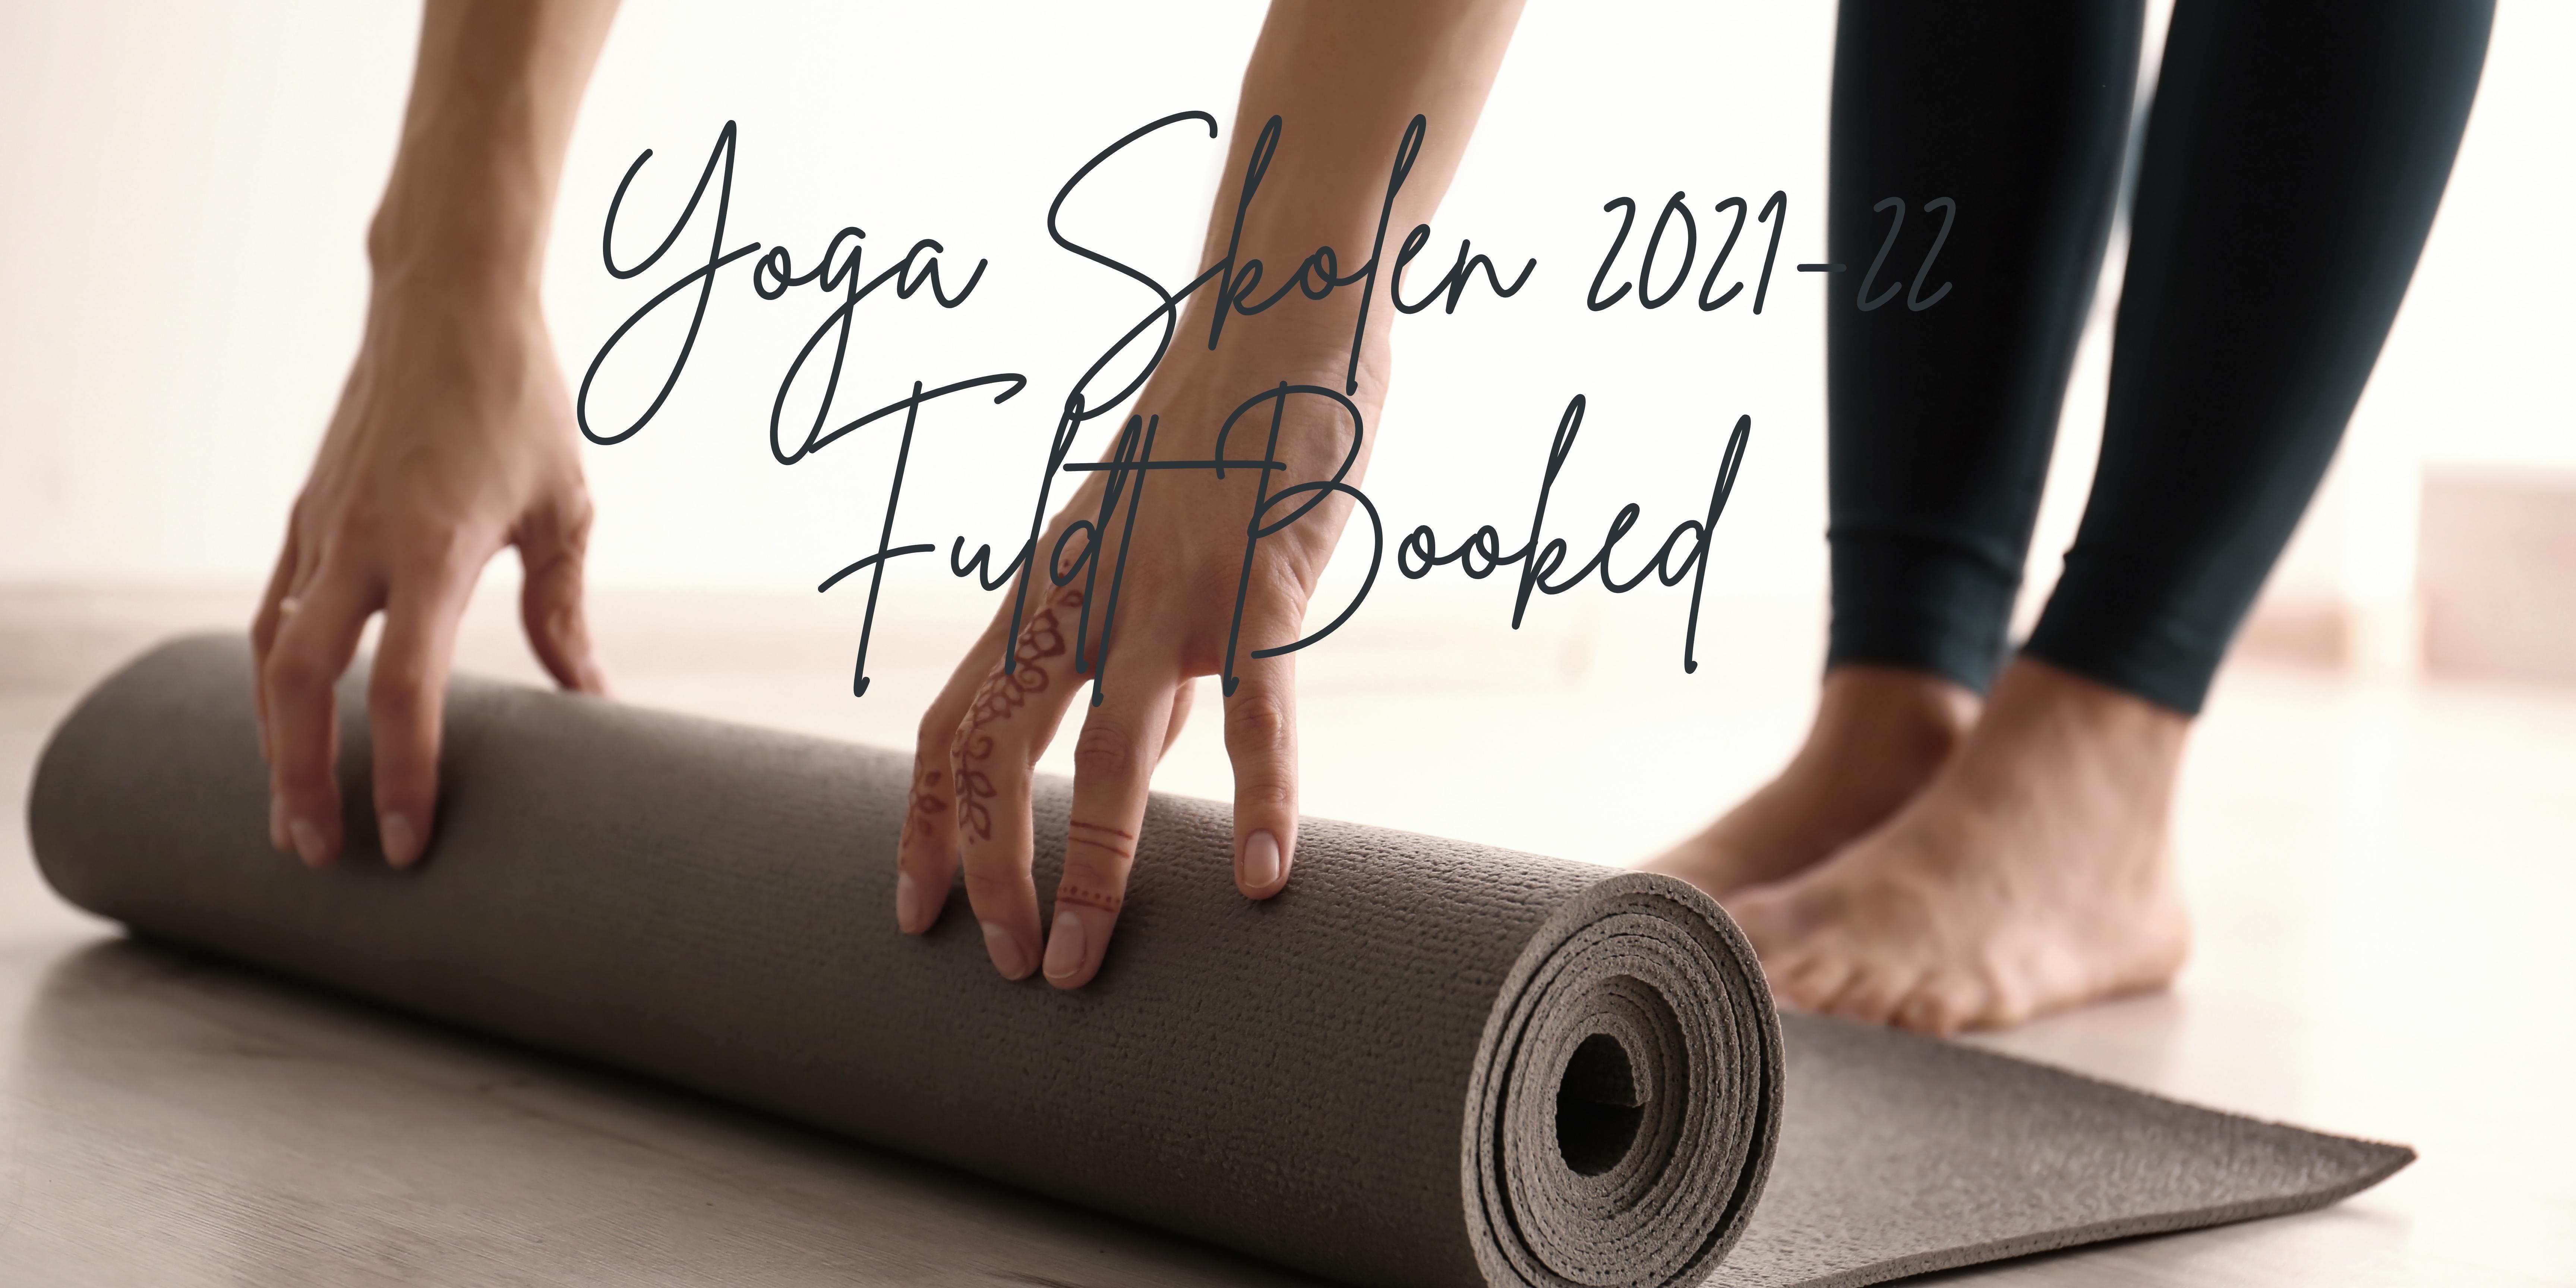 200 Timers Yoga Uddannelse 2021-2022